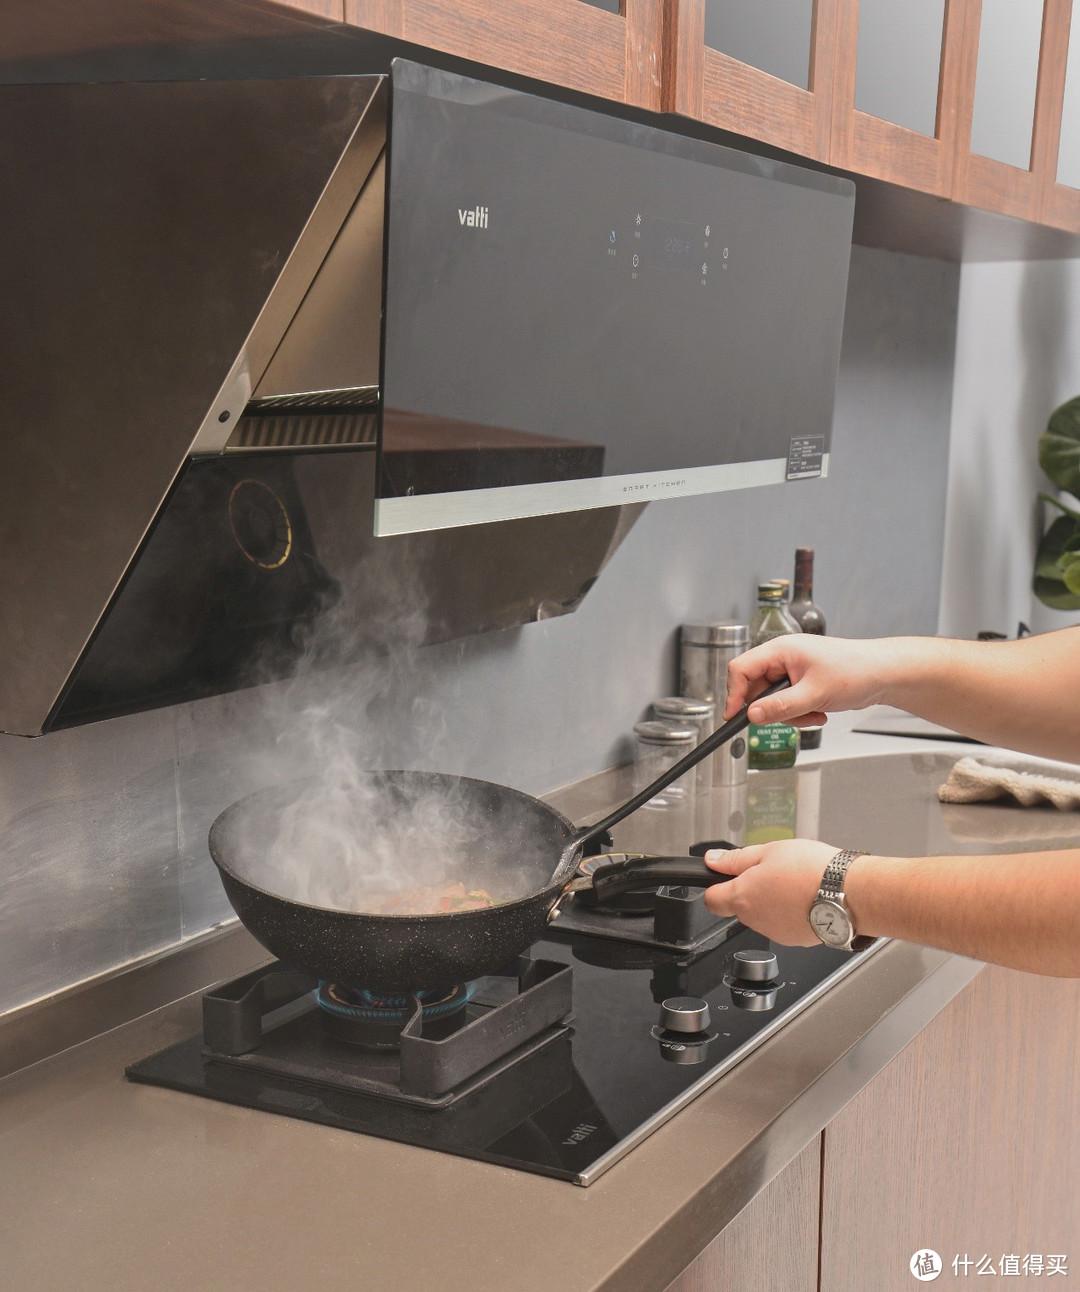 618第一单速晒:大火力、大吸力、速清洁,送父母的华帝烟灶使用测评